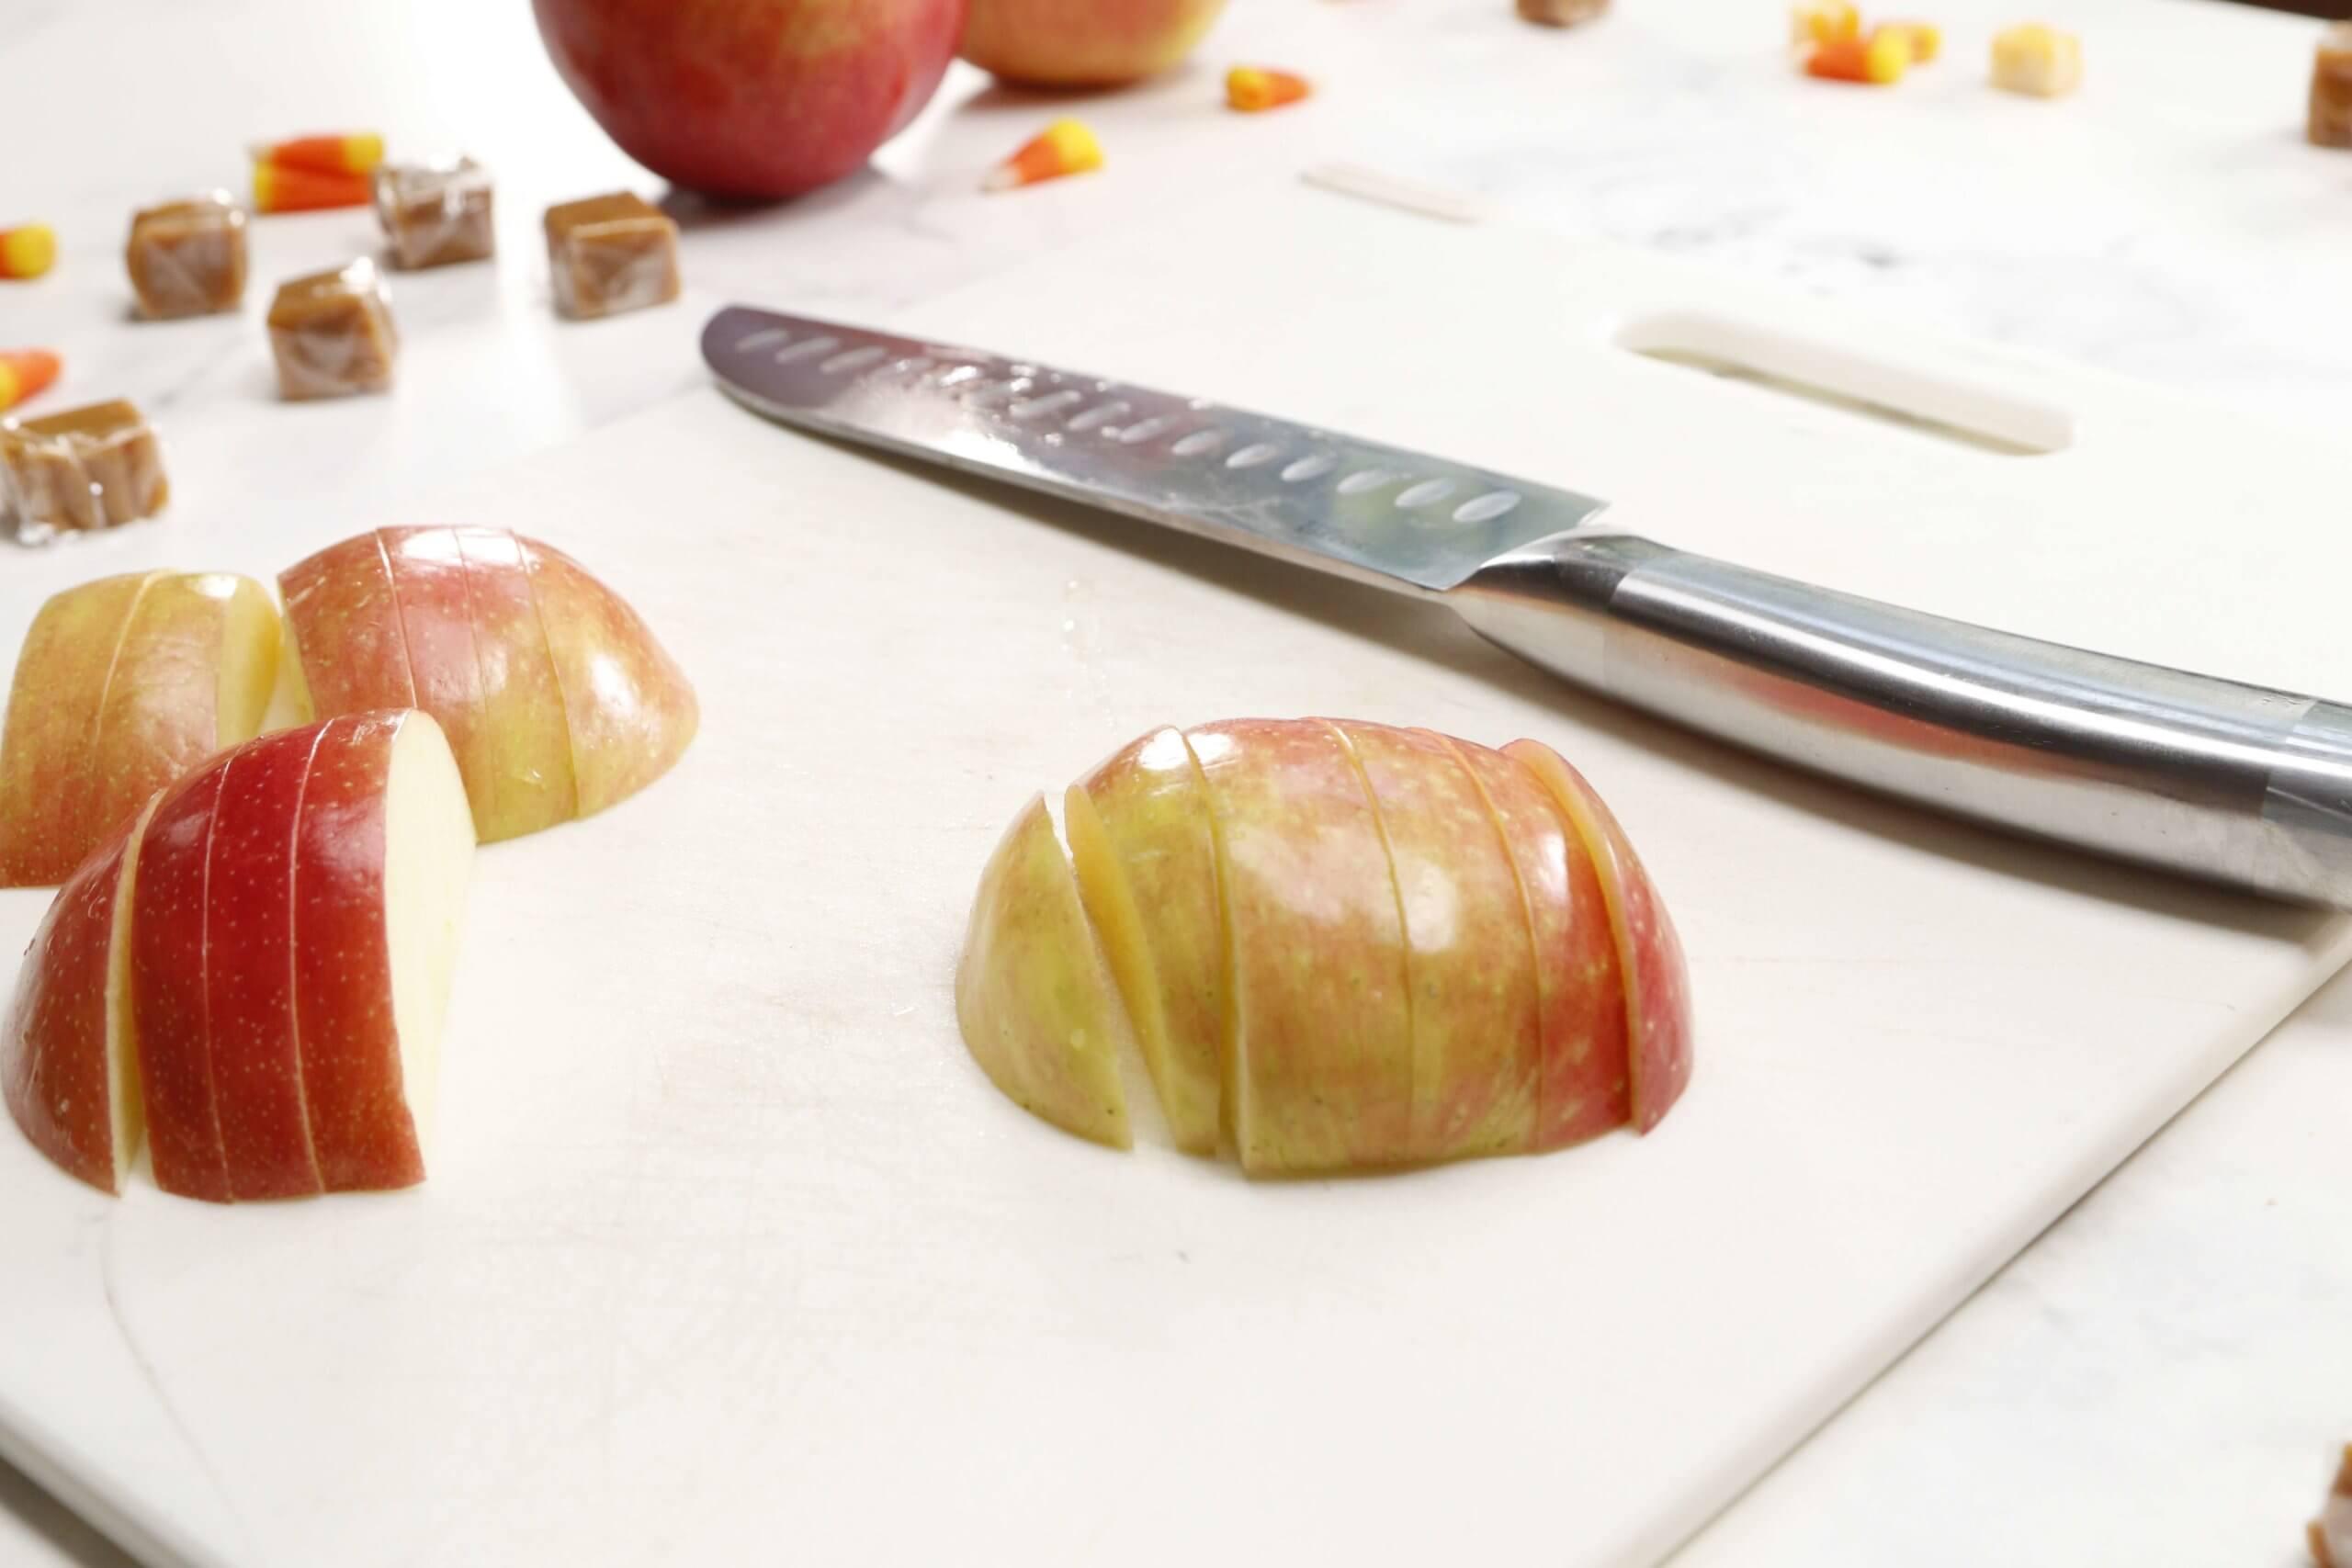 Sliced SweeTango apples